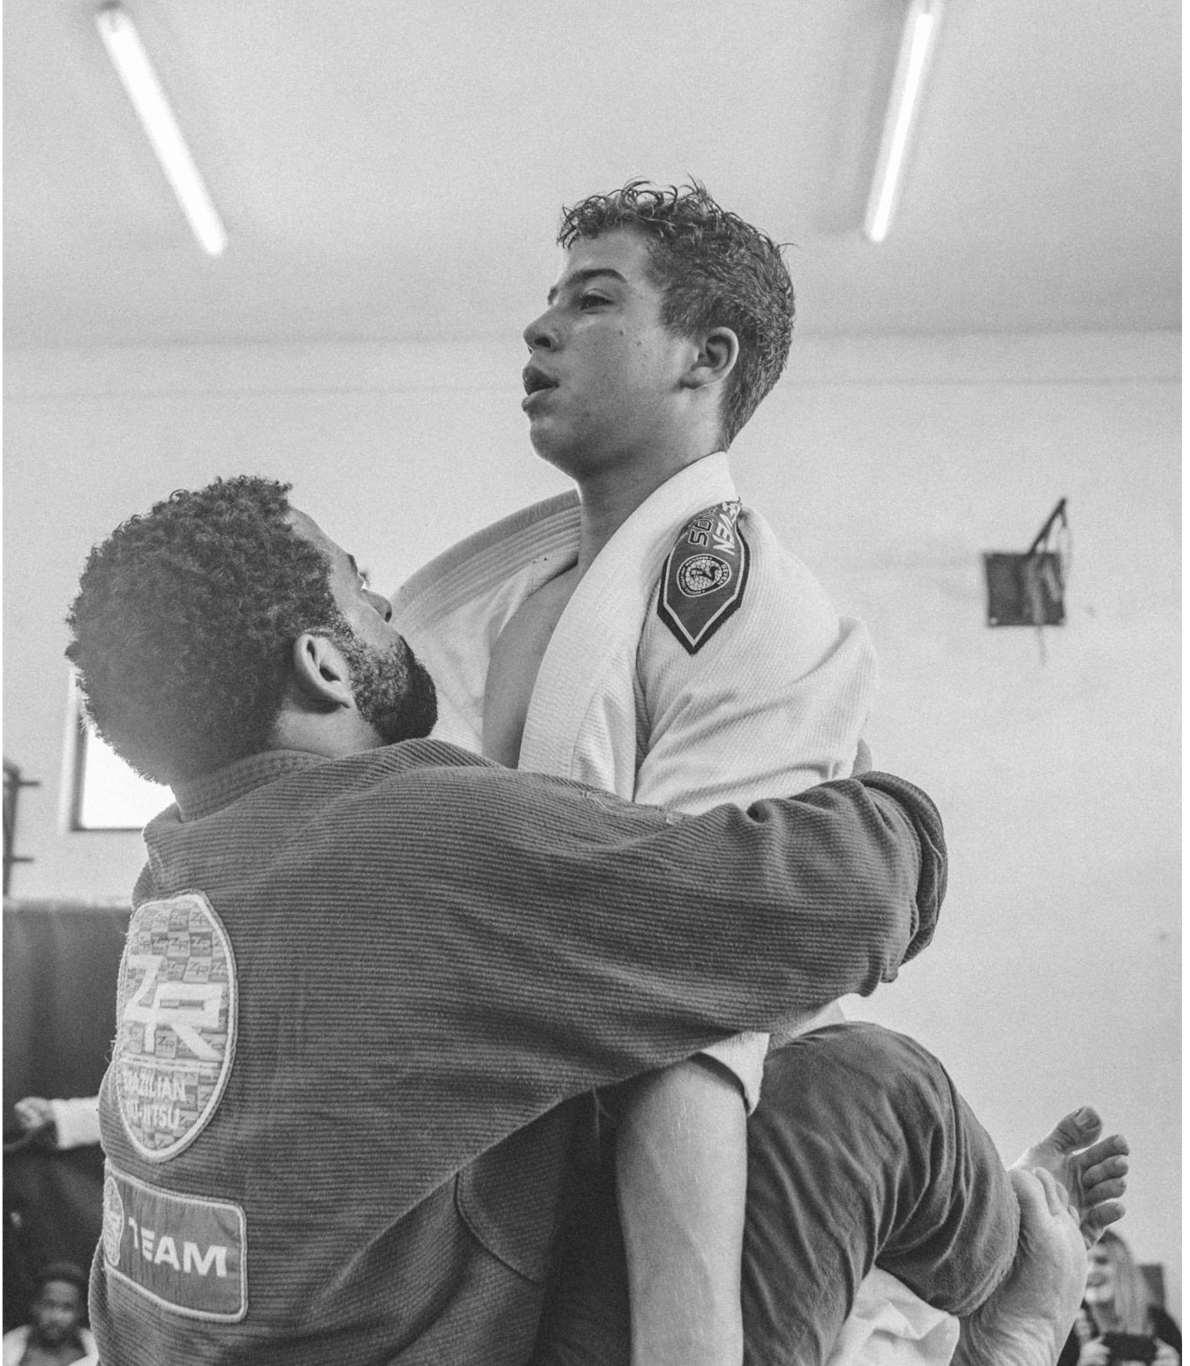 Dois membros da mesma equipa, em fase de treino, em que um deles exerce força sob o outro, impedindo-o de exercer qualquer movimento, ao prender-lhe os braços.